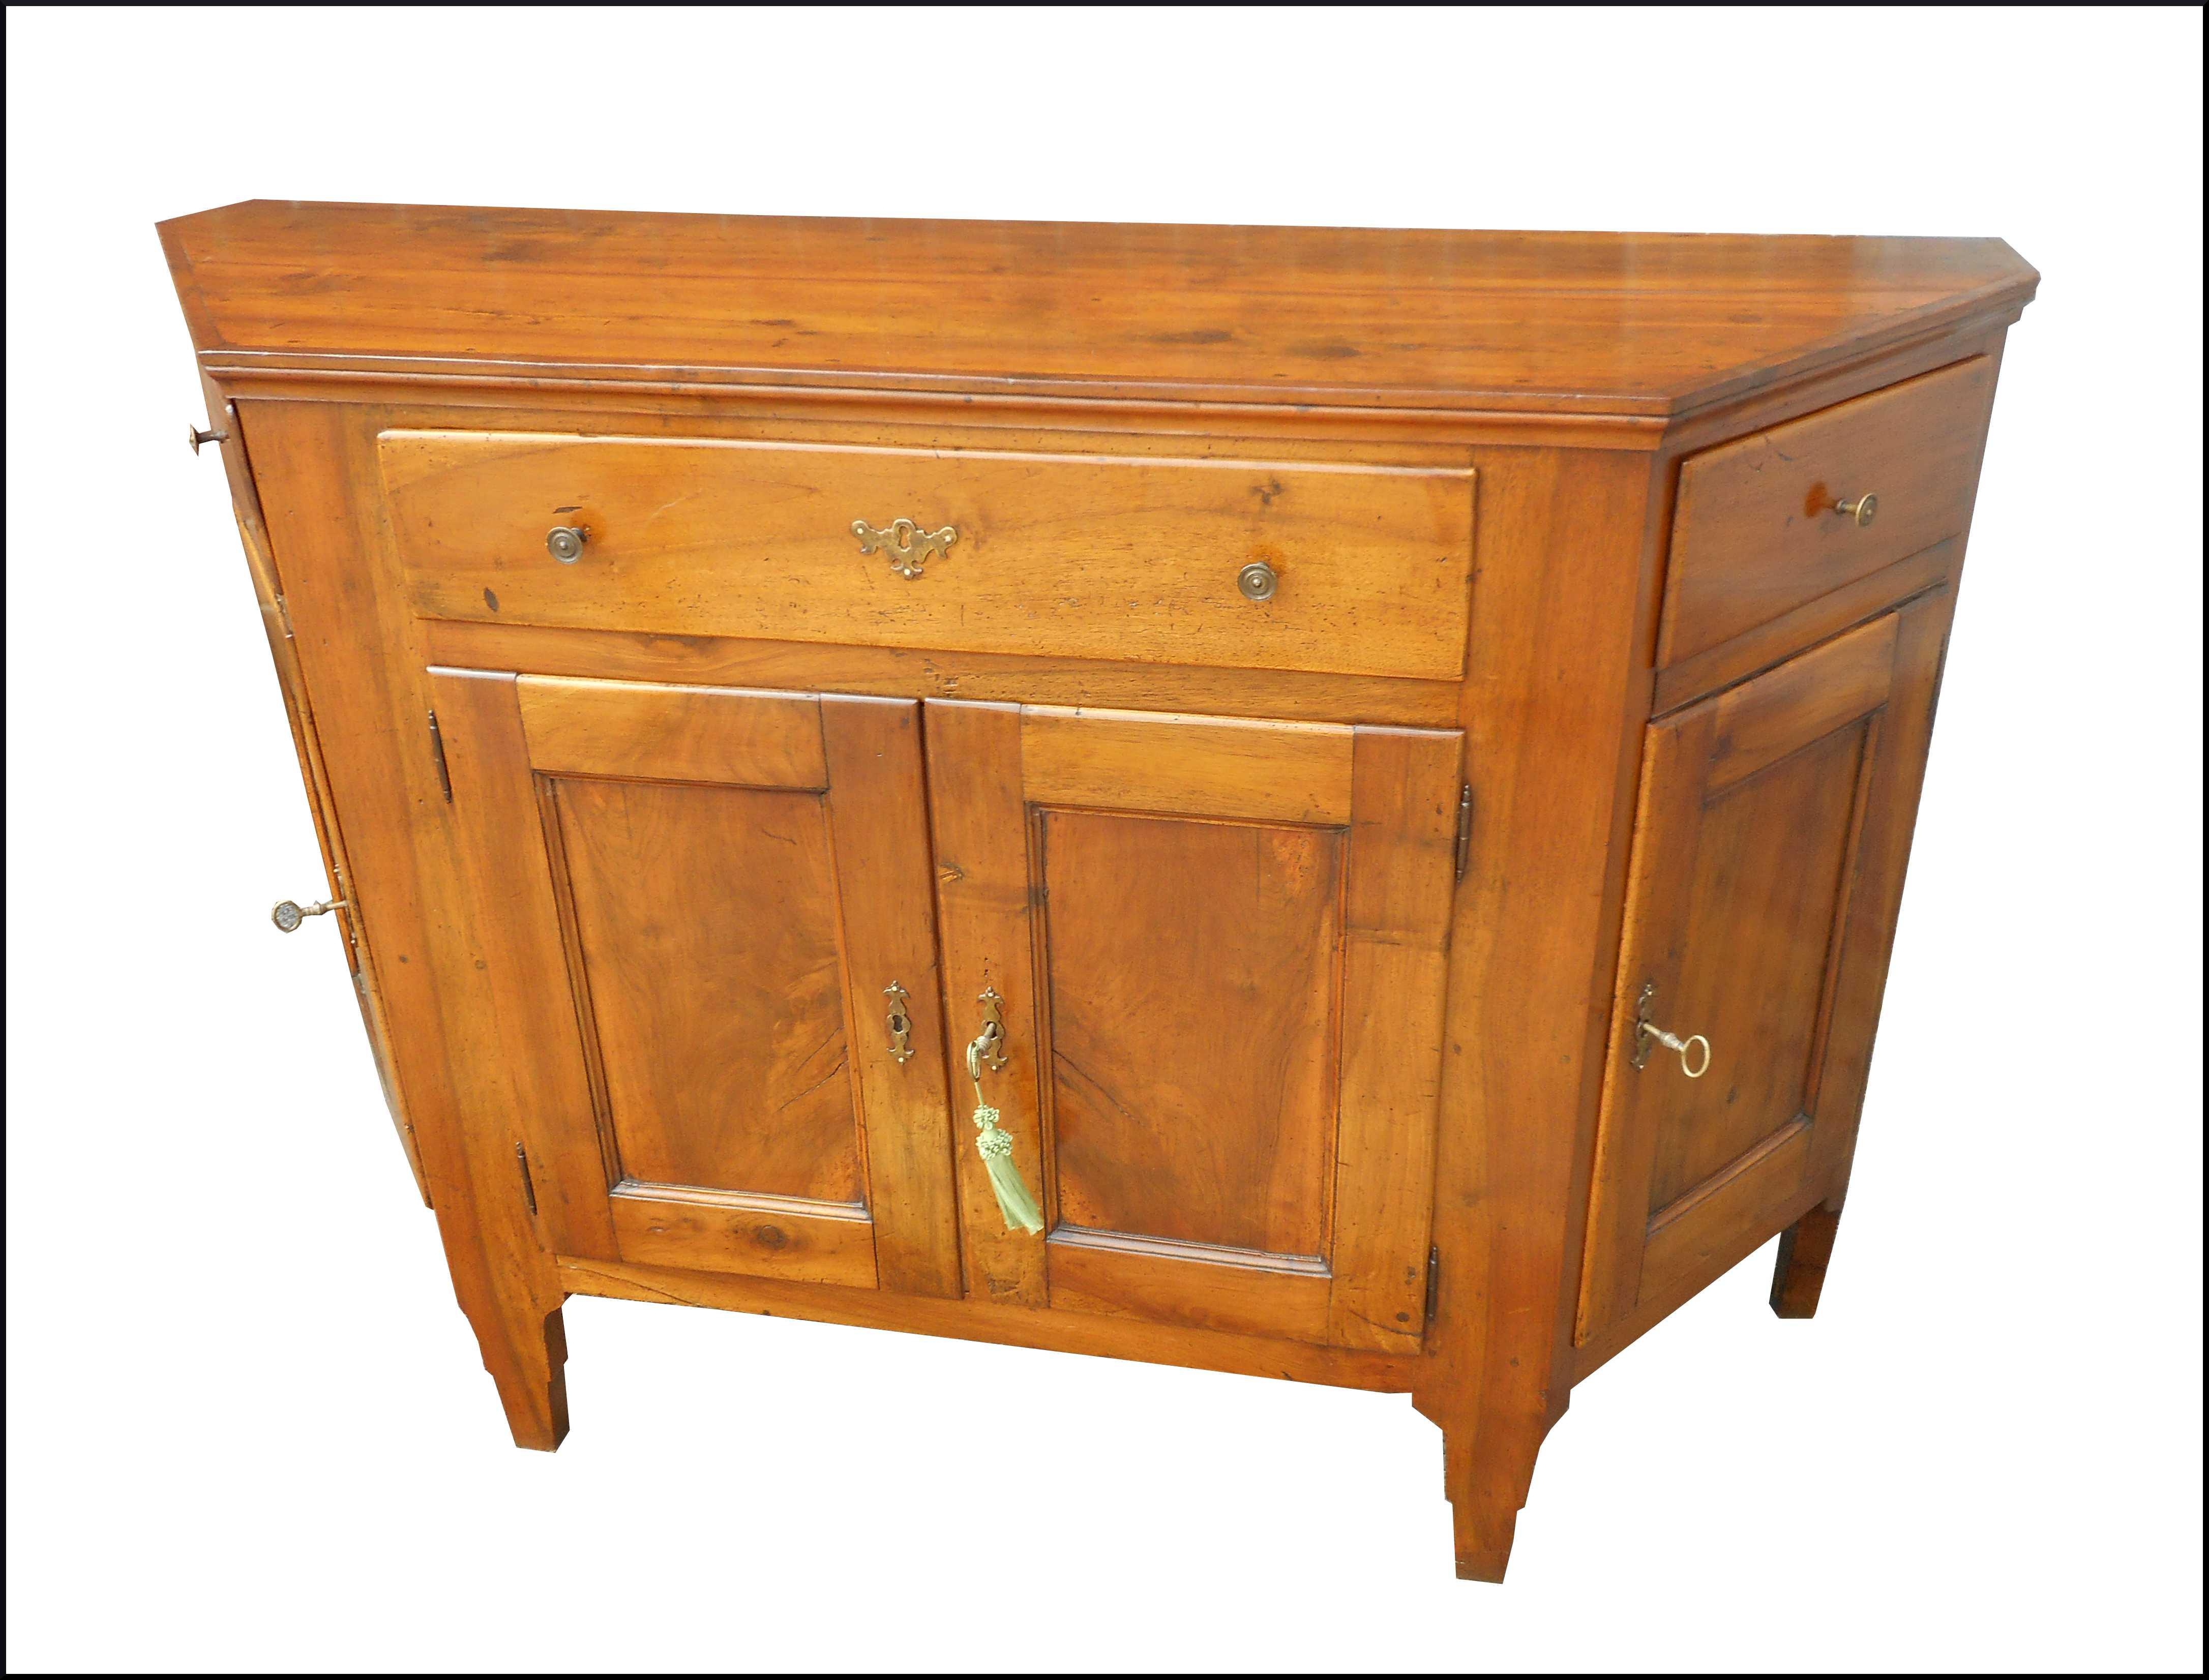 Credenza Antica Da Restaurare : Novità e promozioni mobili antichi restaurati riprodotti la